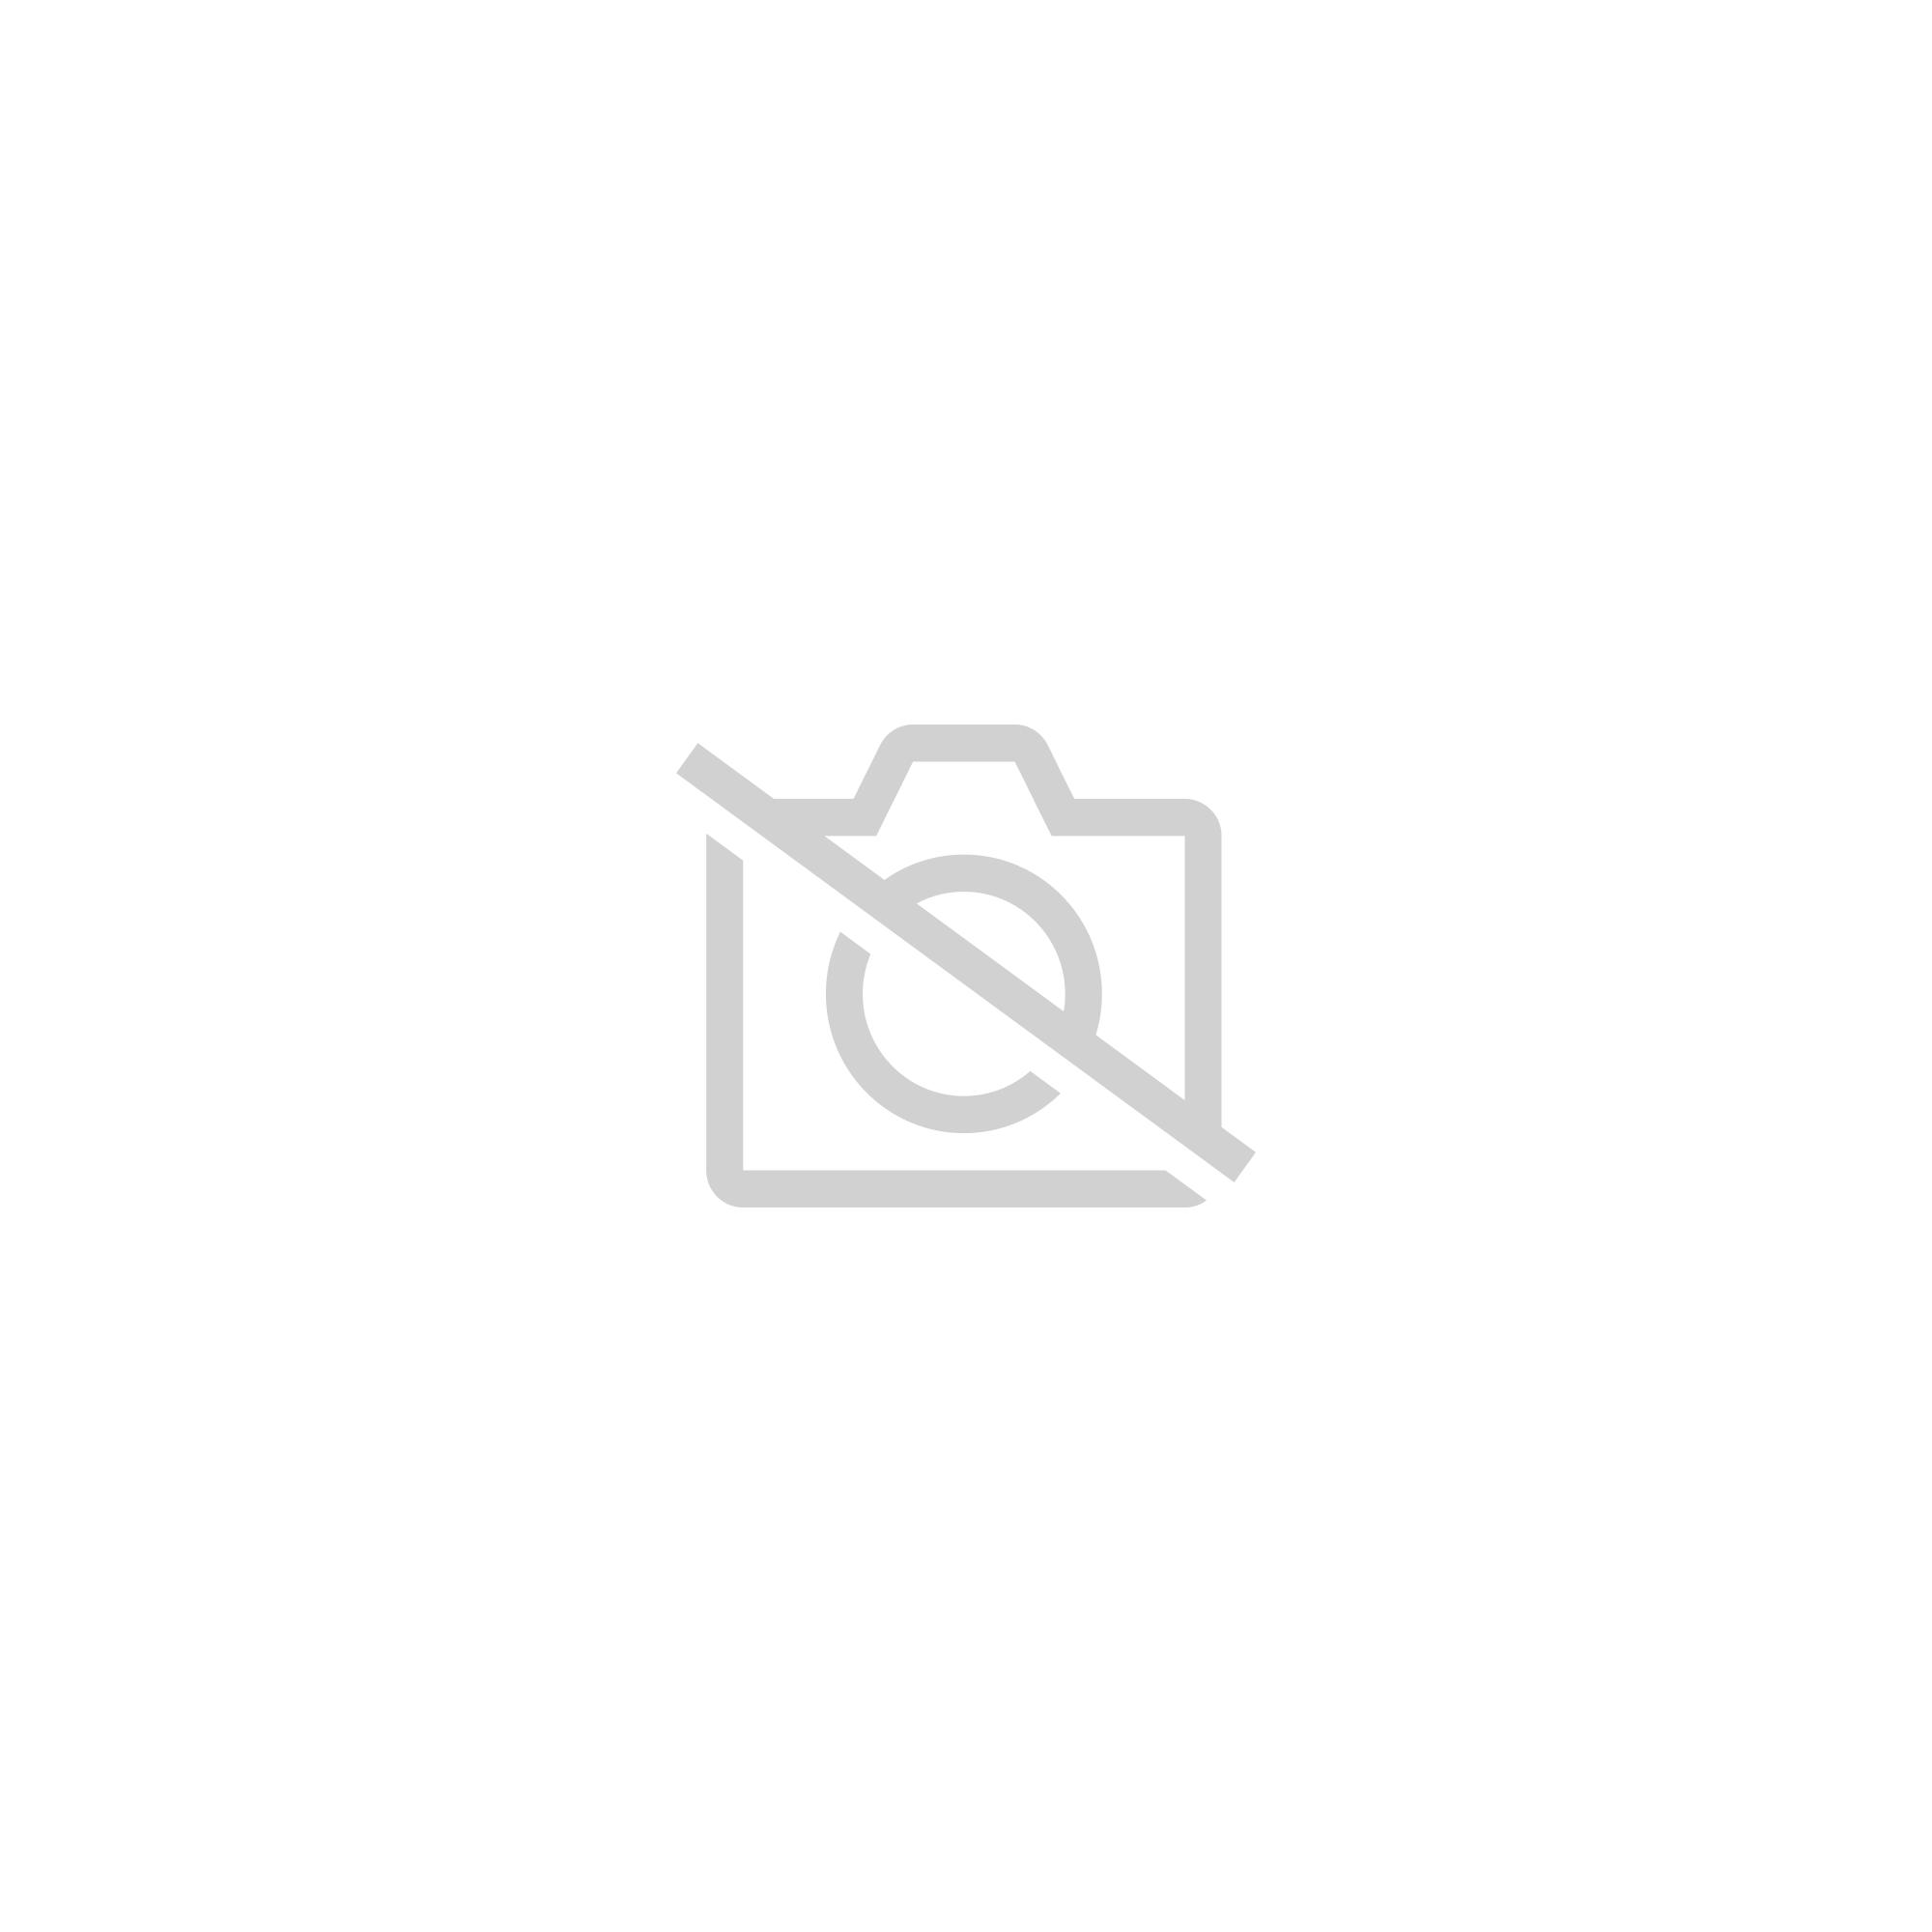 letsgetfit classic one white marque fran aise montre connect e bracelet connect montre. Black Bedroom Furniture Sets. Home Design Ideas